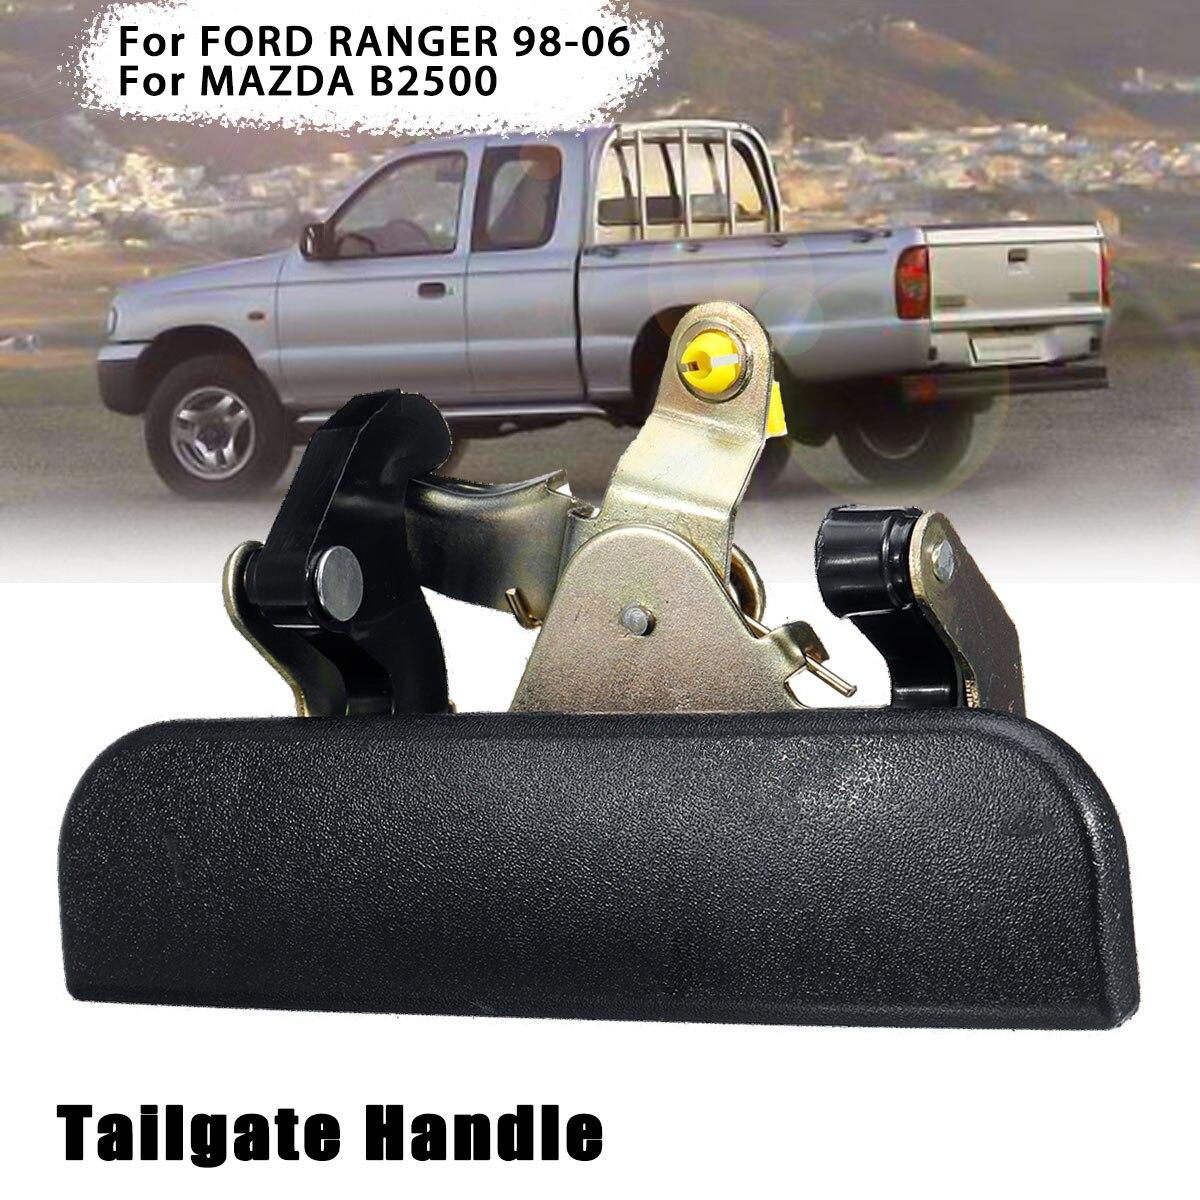 שחור האחורי אחורי תא מטען ידית לפורד ריינג 'ר למאזדה B2500 עבור איסוף 1999 2000 2001 2002 2003 2004 2005 2006 2007